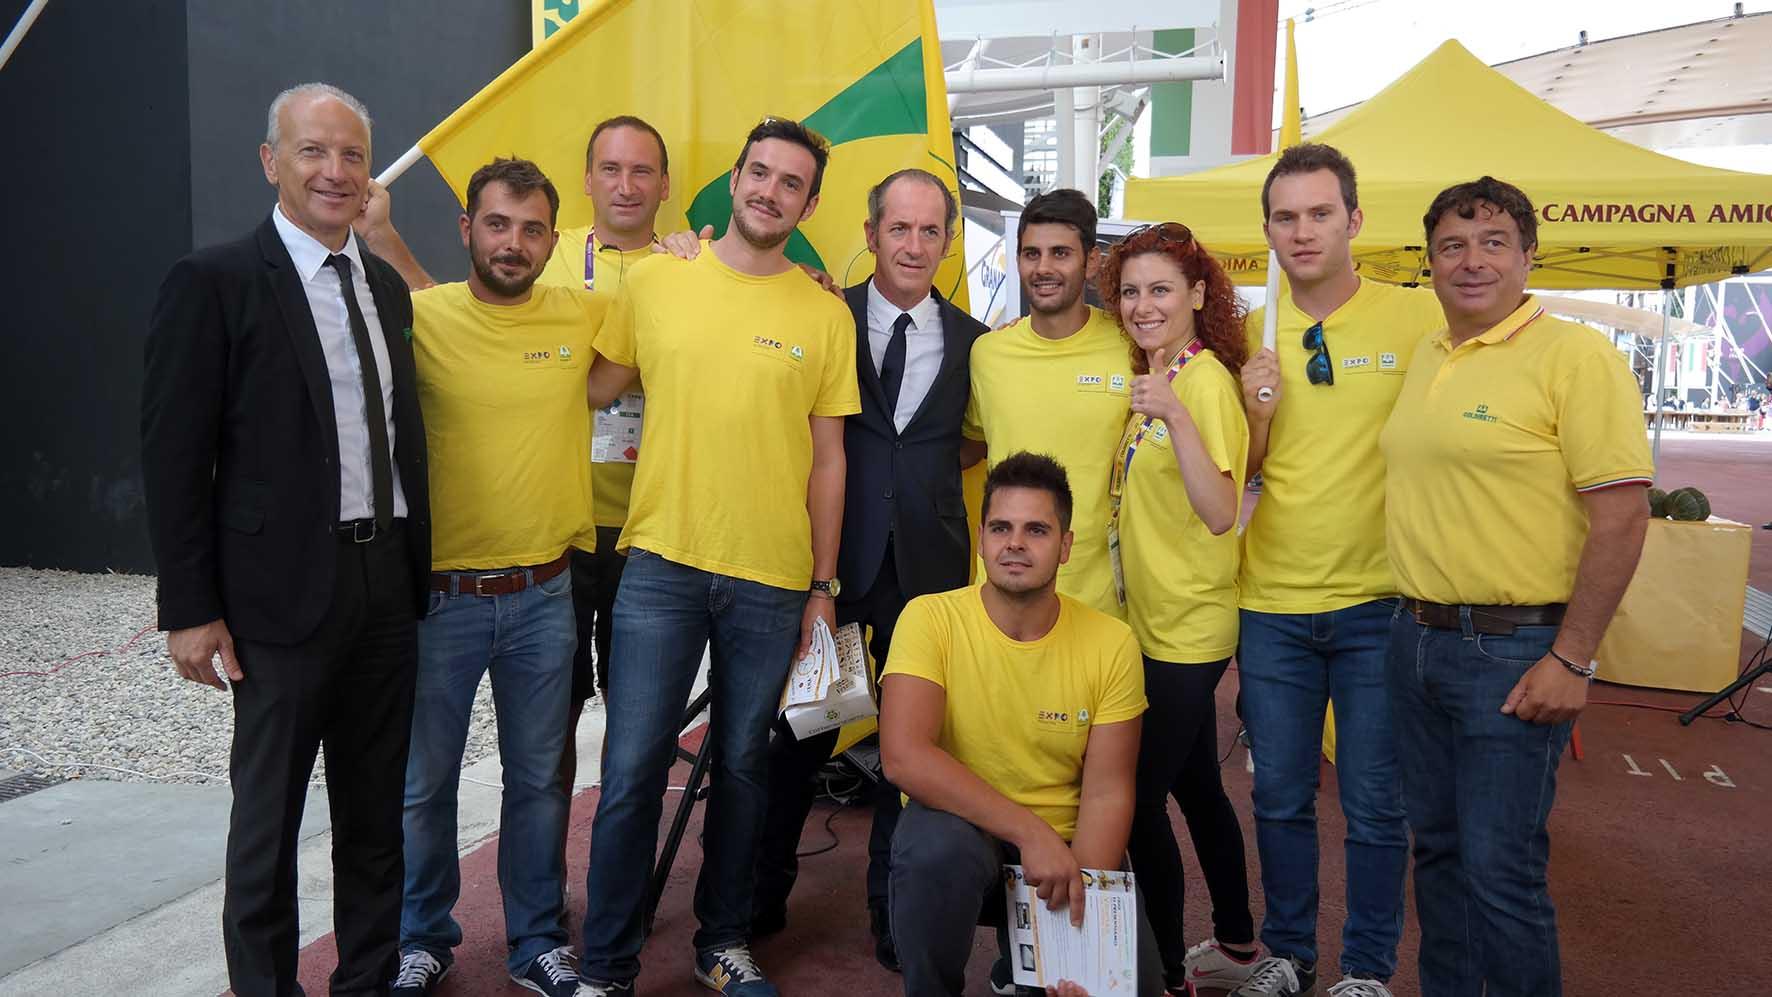 Luca Zaia e Giuseppe Pan visita padiglione coldiretti expo milano